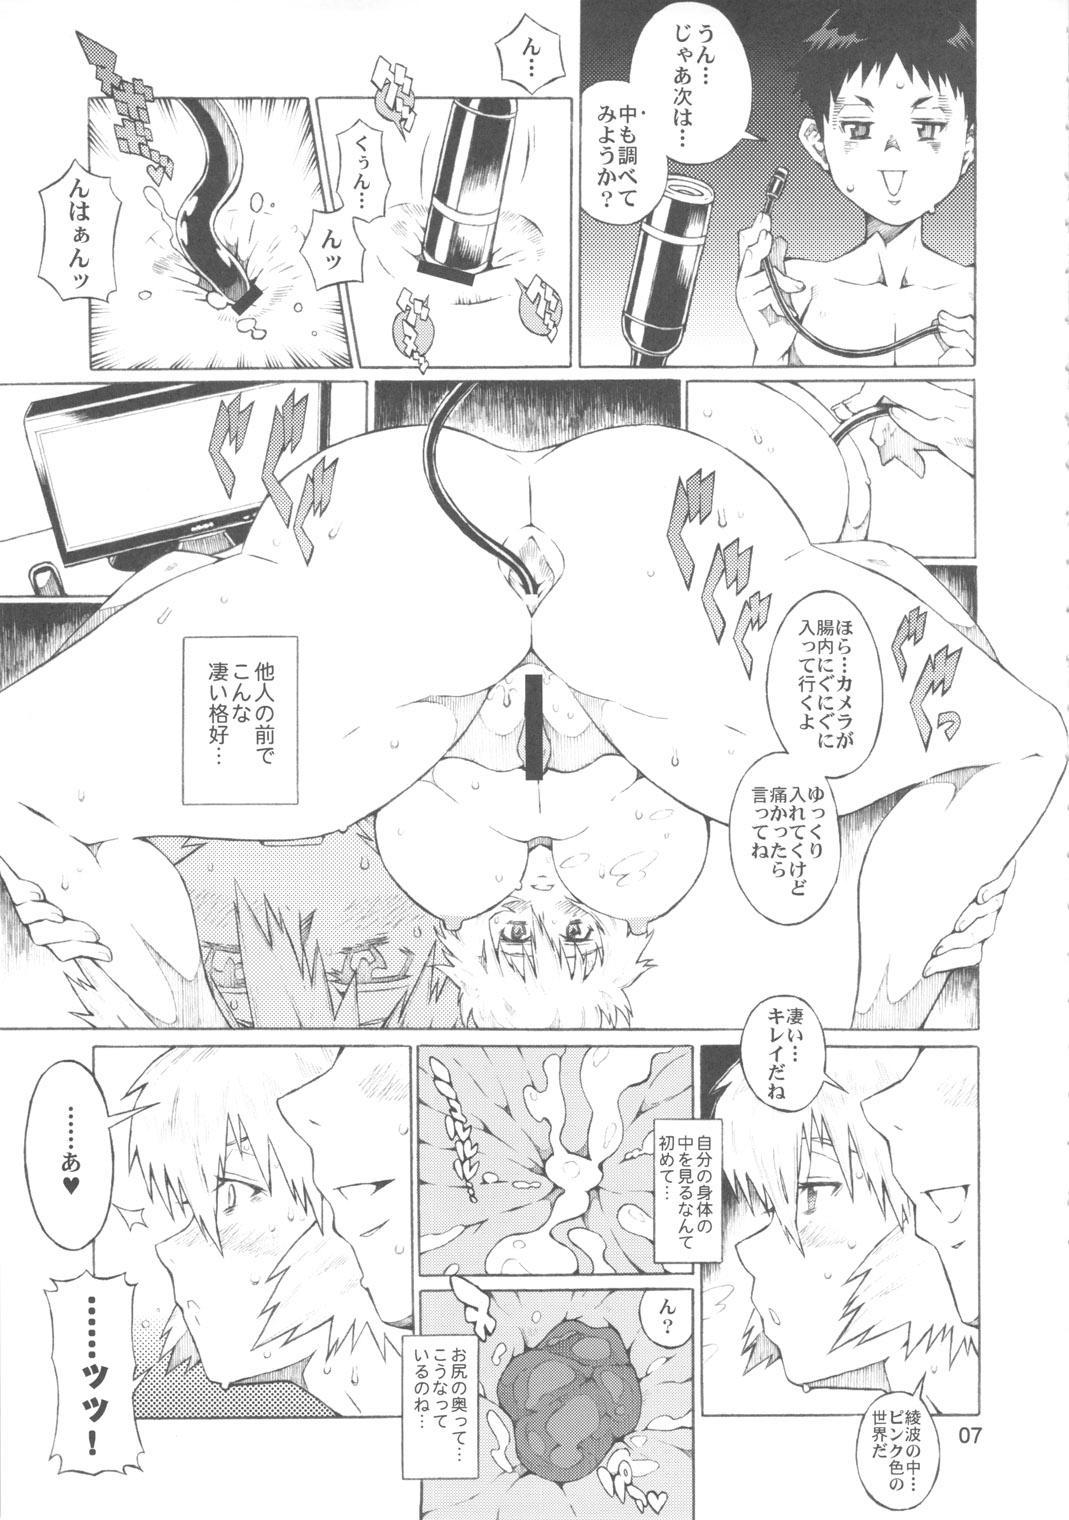 Ayanami 5